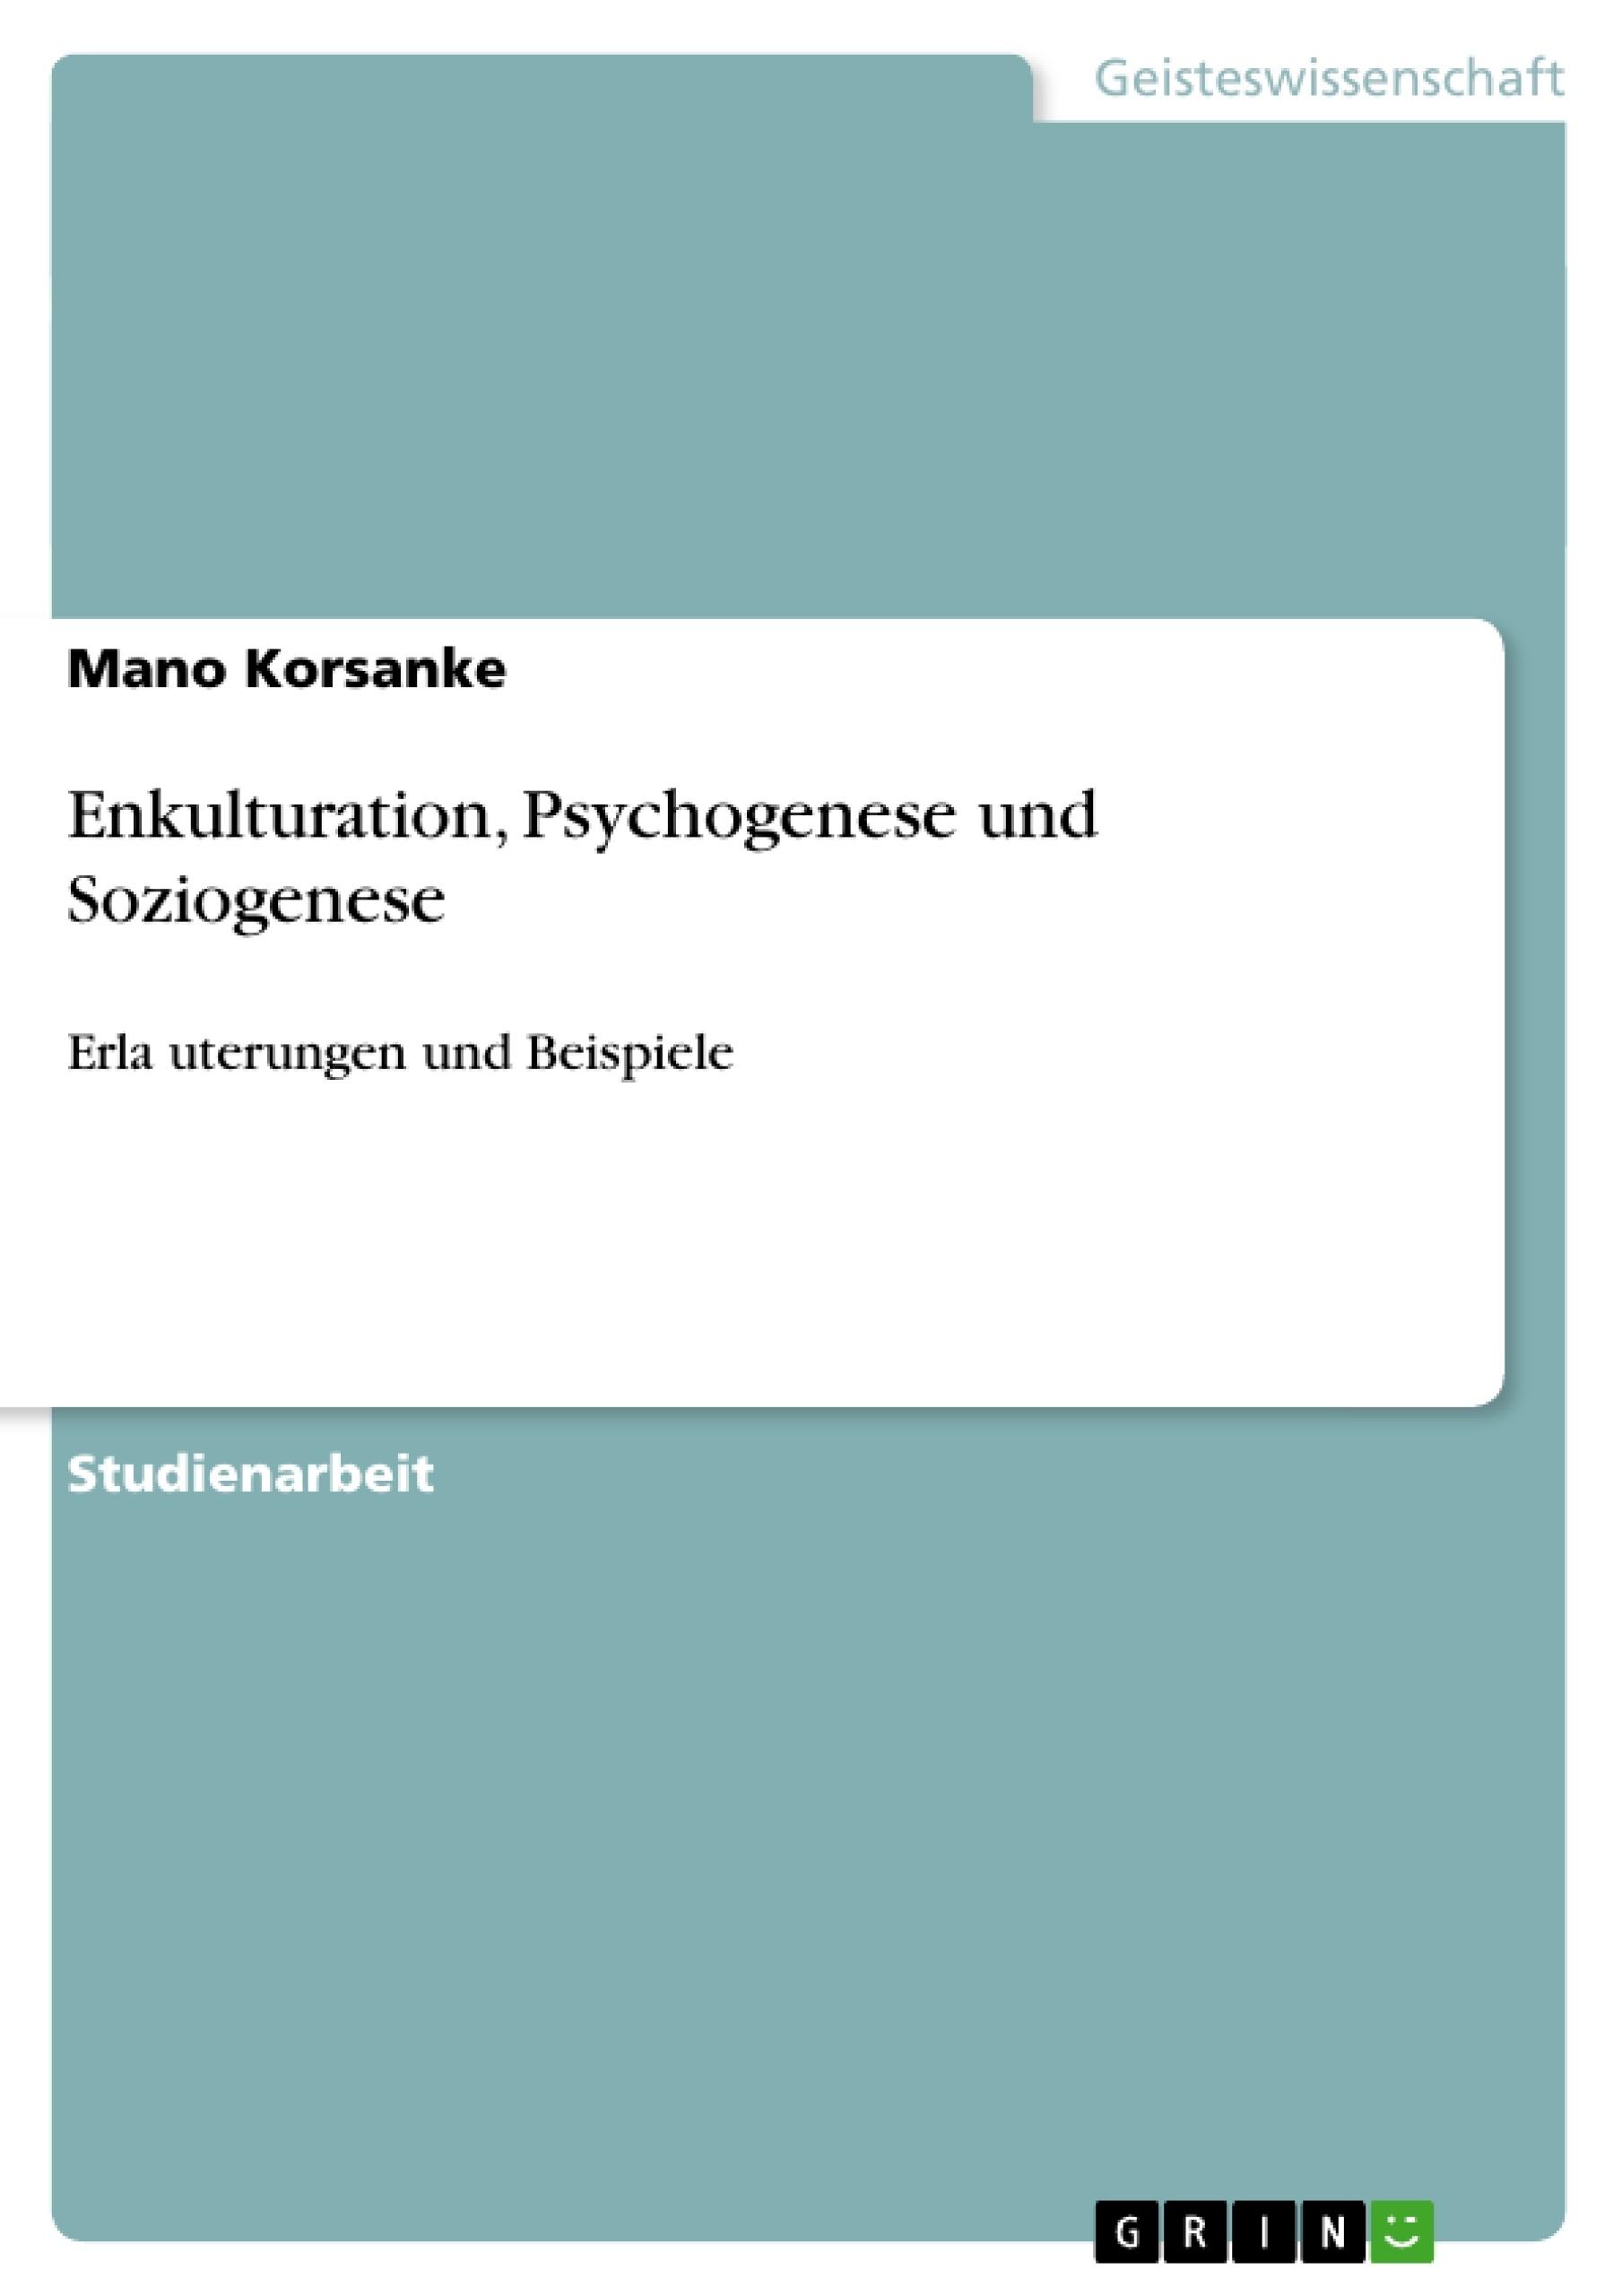 Titel: Enkulturation, Psychogenese und Soziogenese